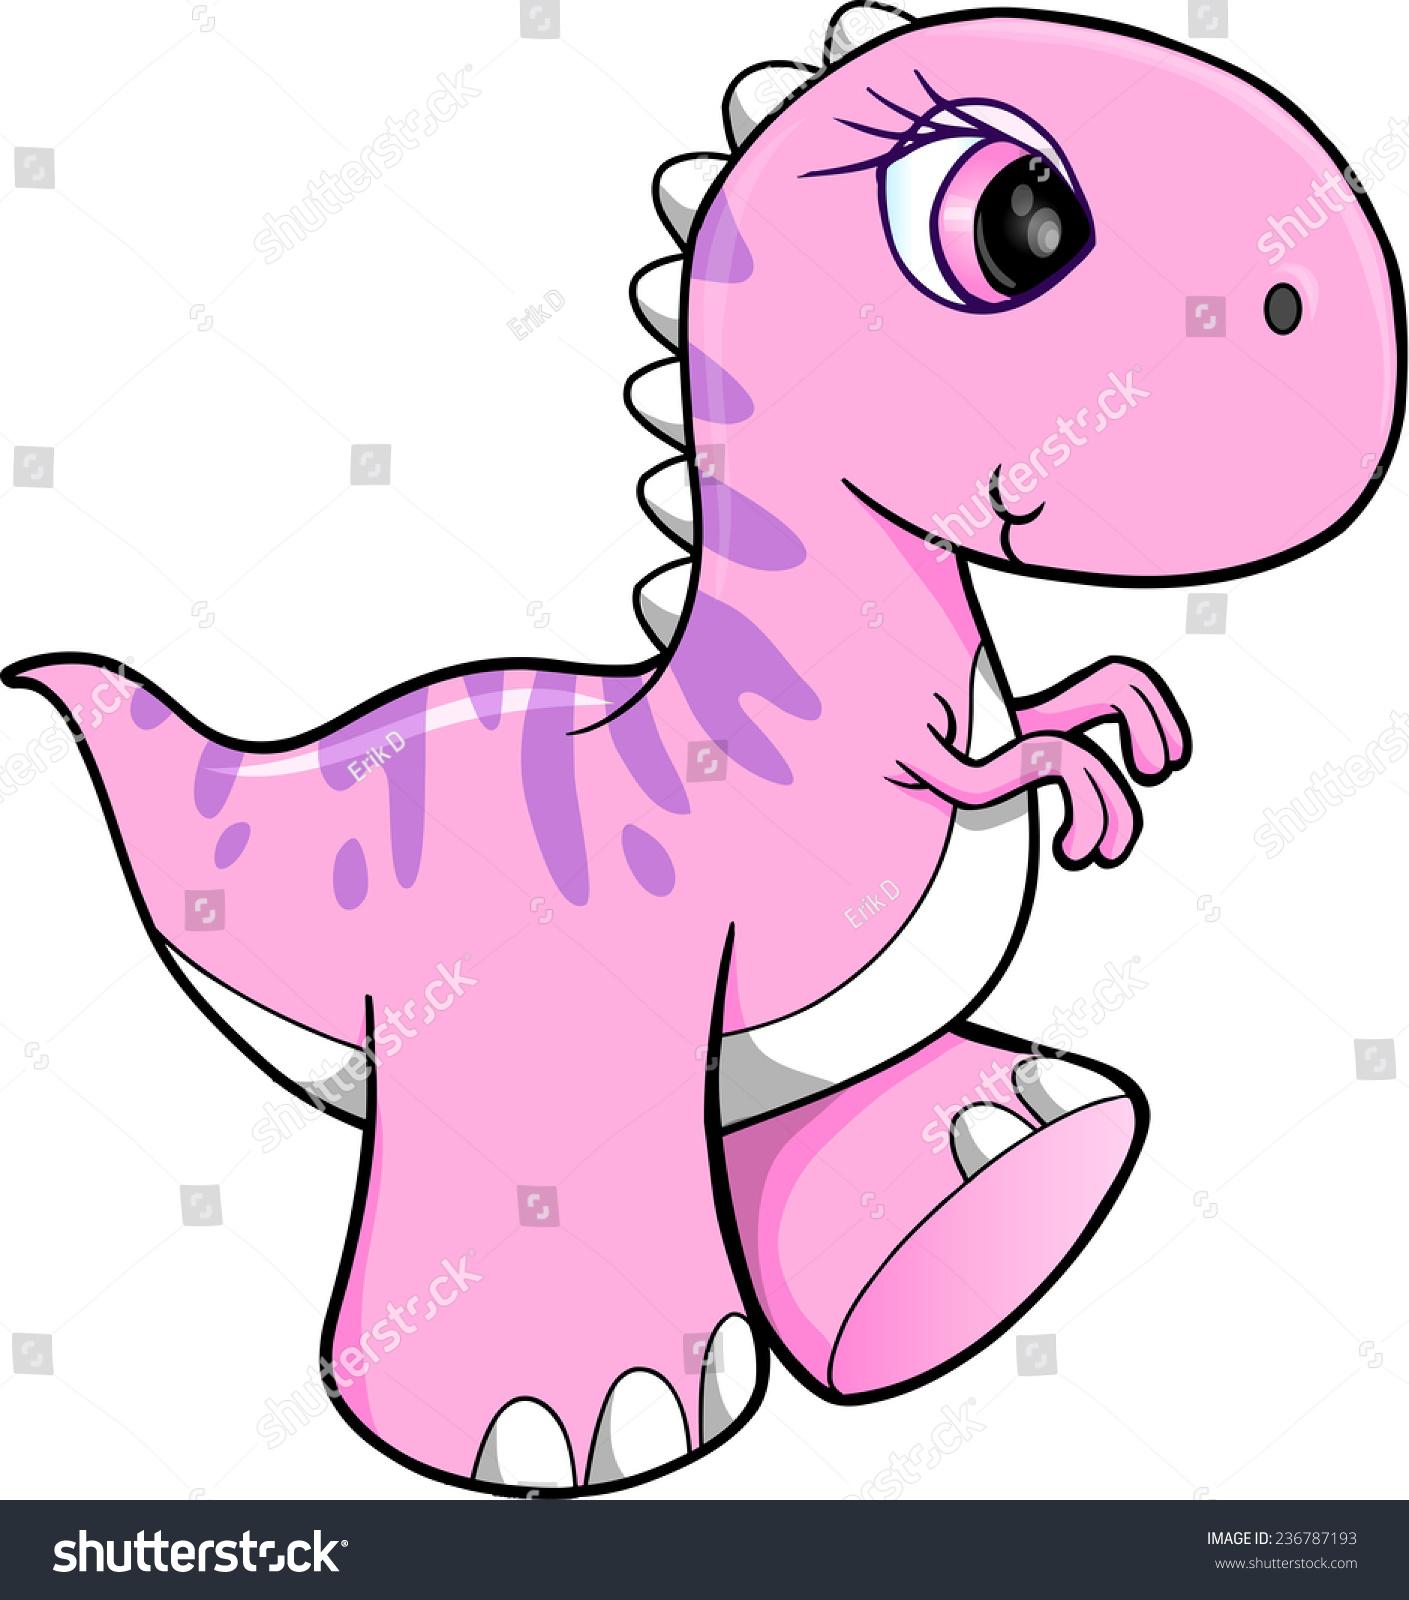 可爱的粉红色的恐龙矢量插图艺术-动物/野生生物